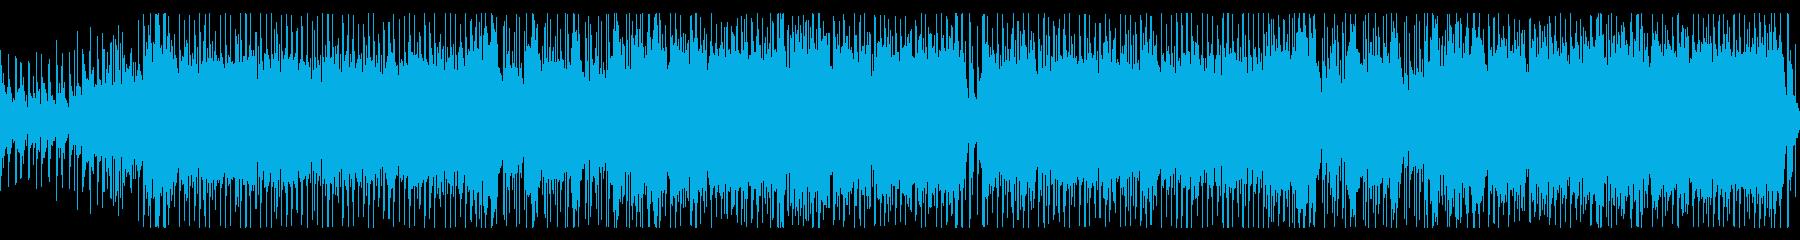 【ループ版】和風ロック壮大なメロ…の再生済みの波形